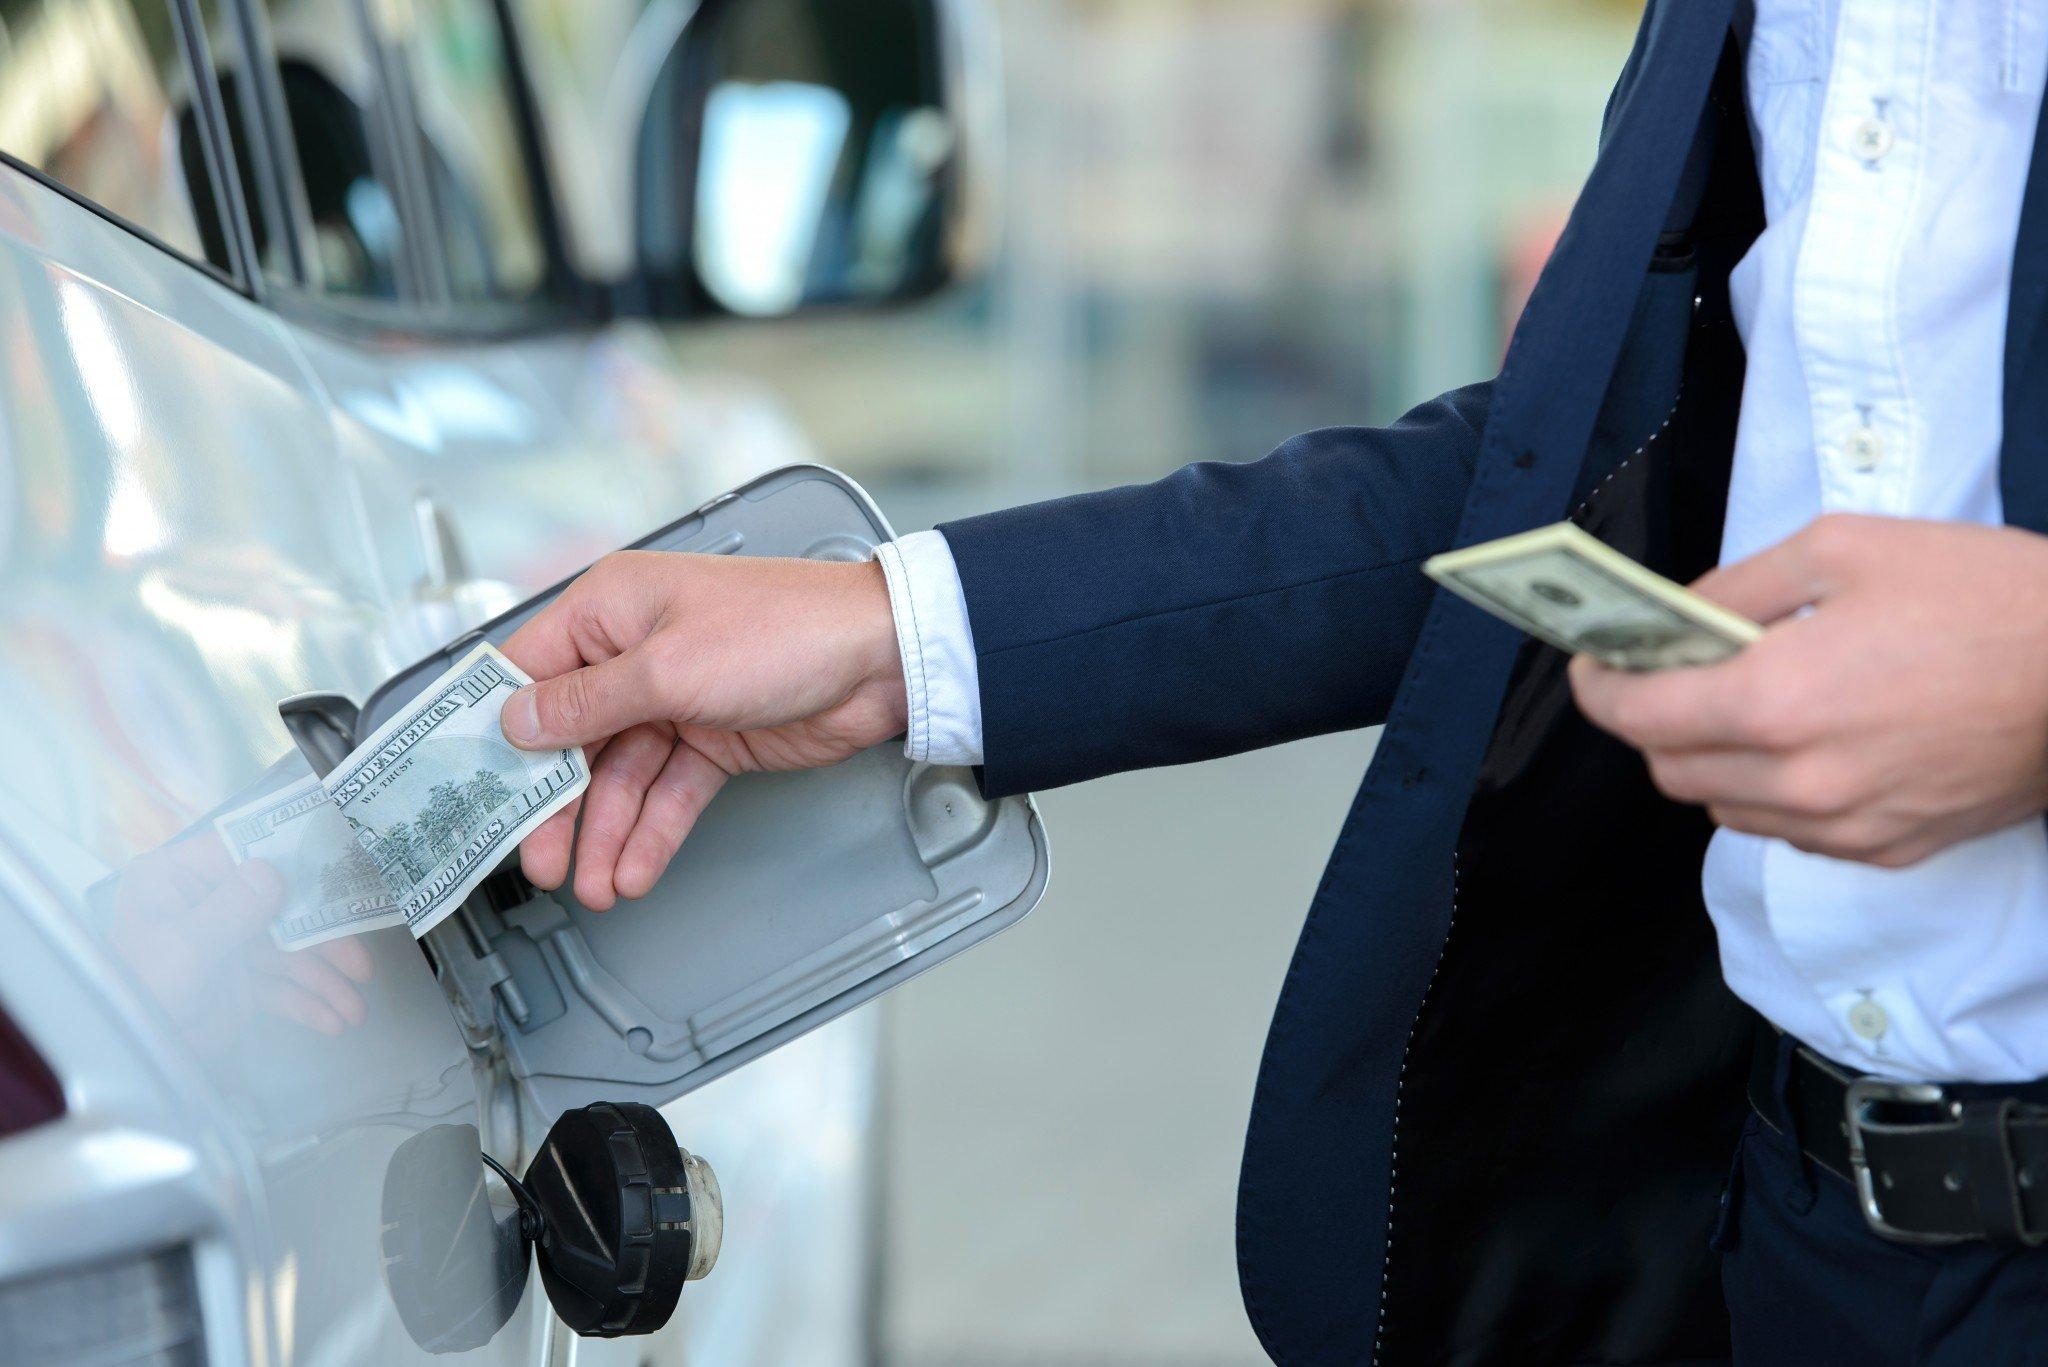 За год бензин в Ростове подорожал минимум на 2 рубля